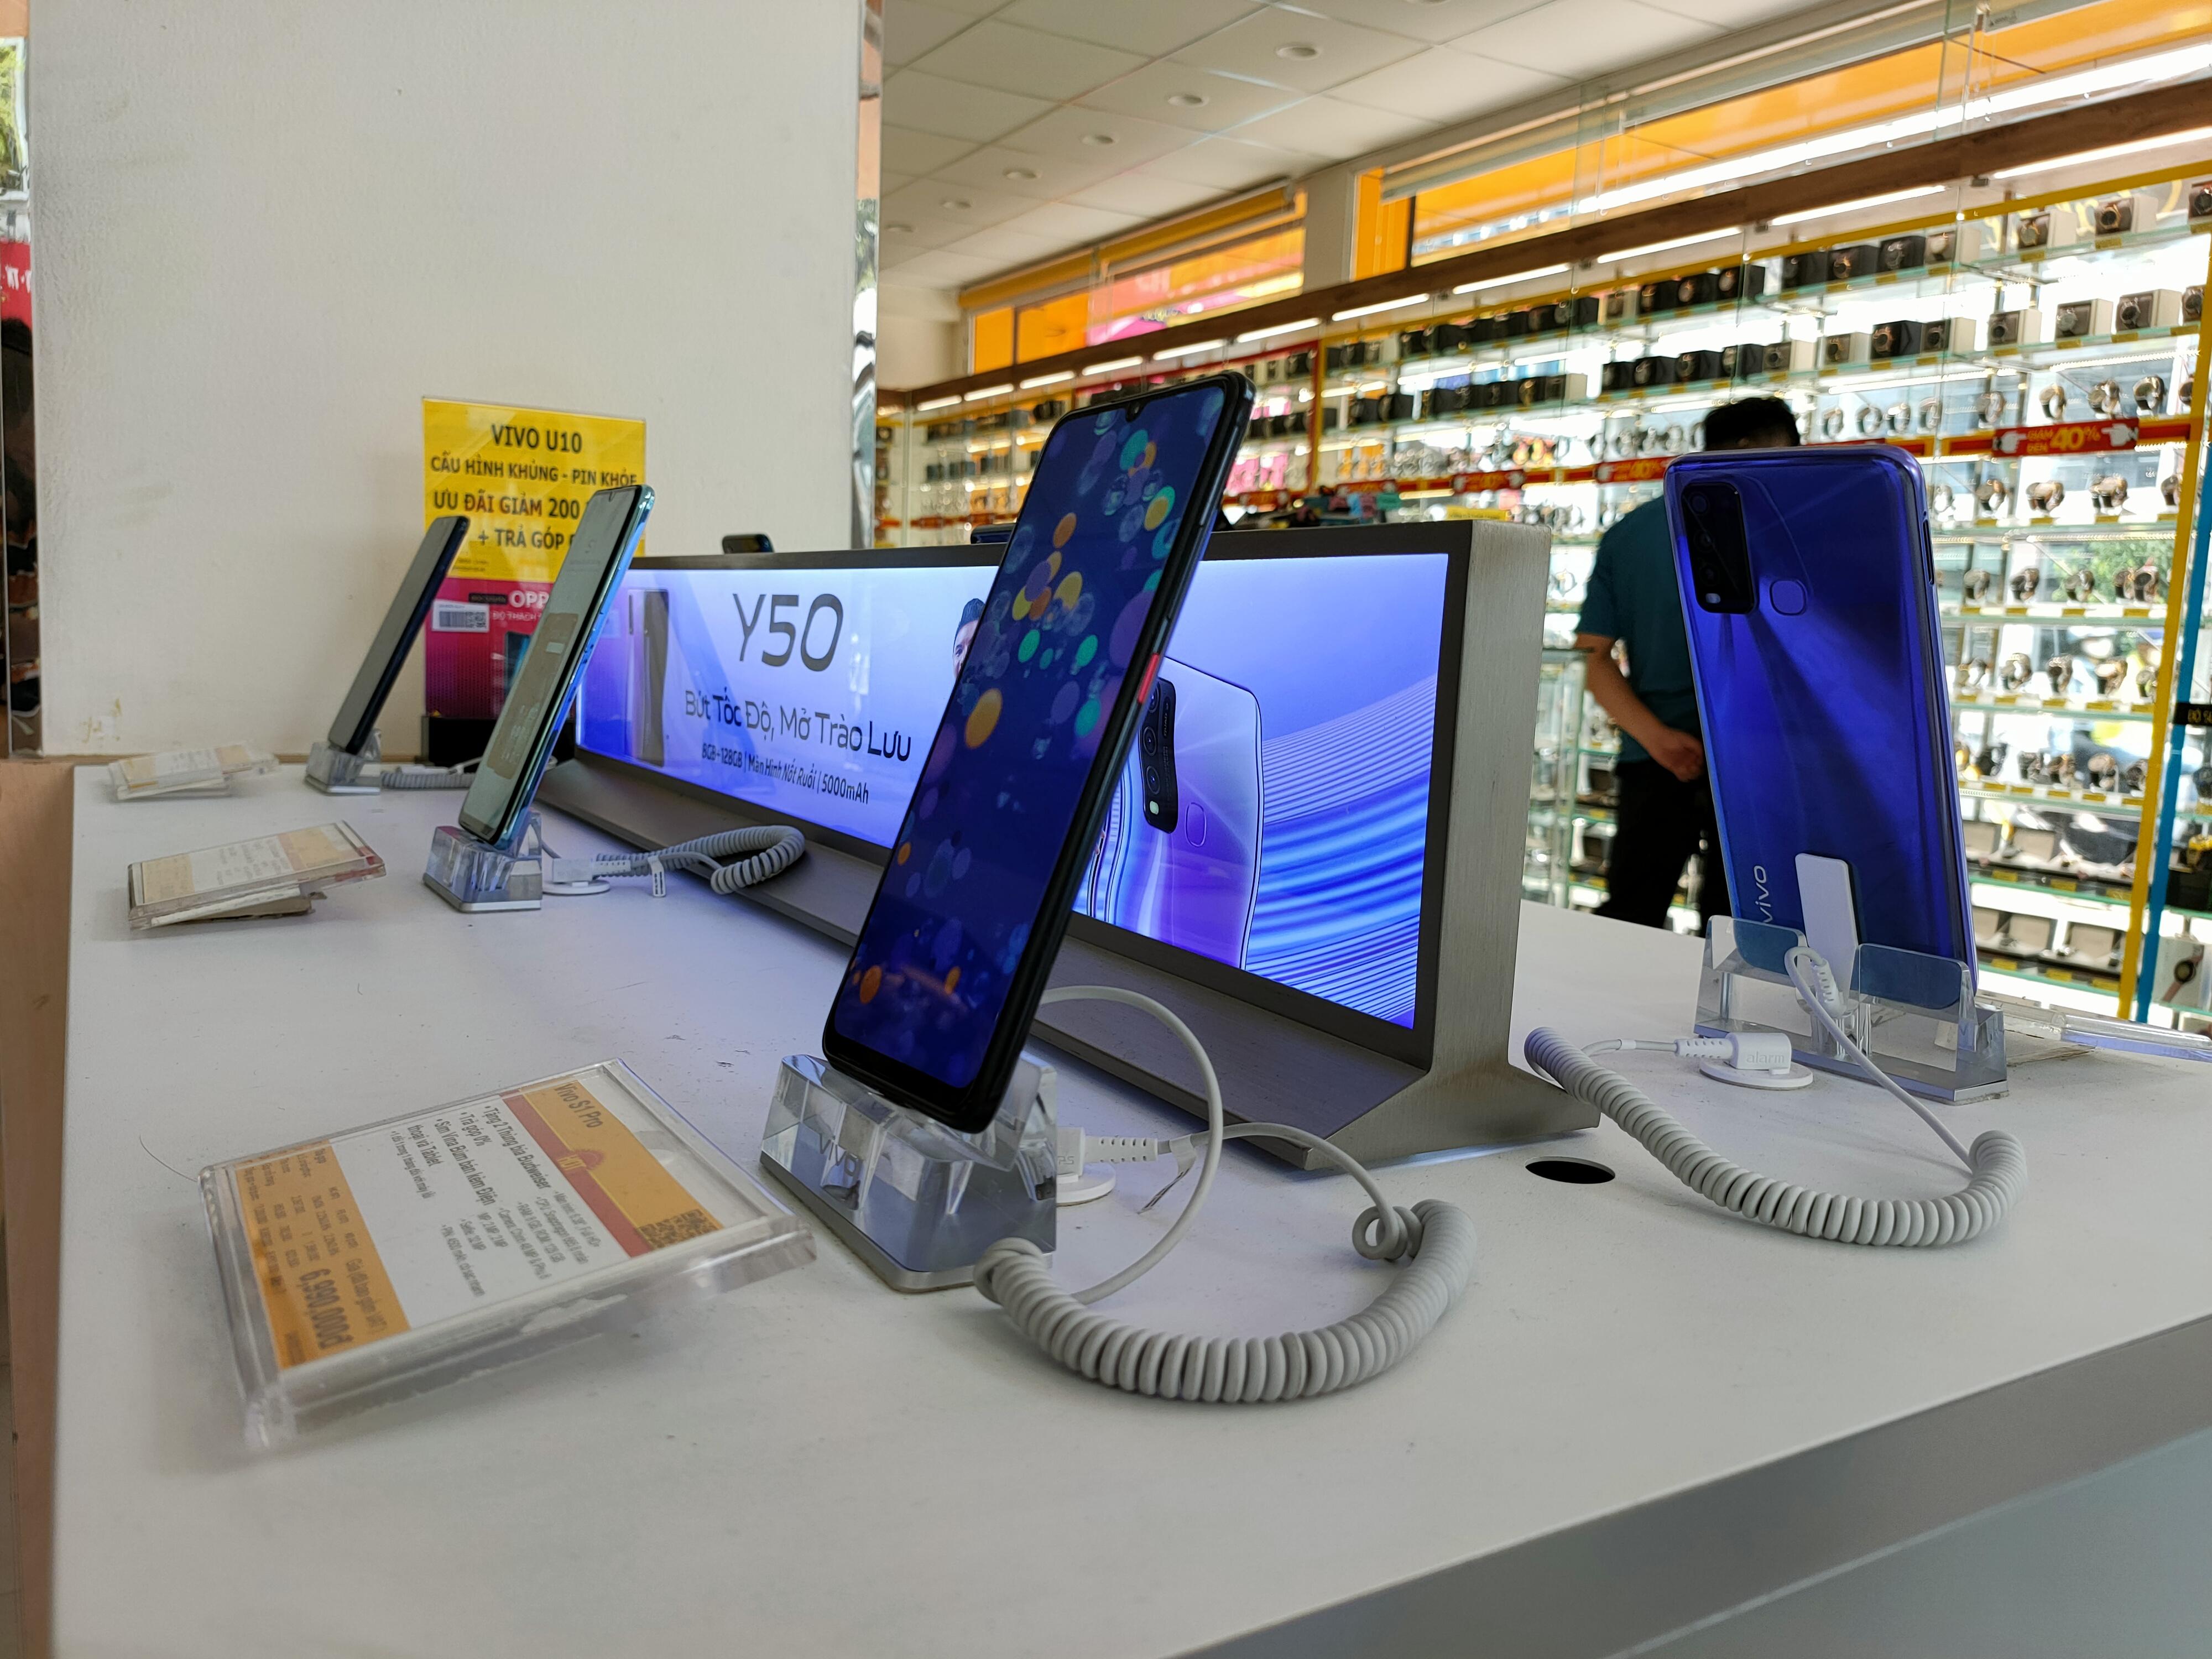 Điện thoại giảm giá: iPhone tiếp tục biến động, Android ngập tràn ưu đãi - Ảnh 2.